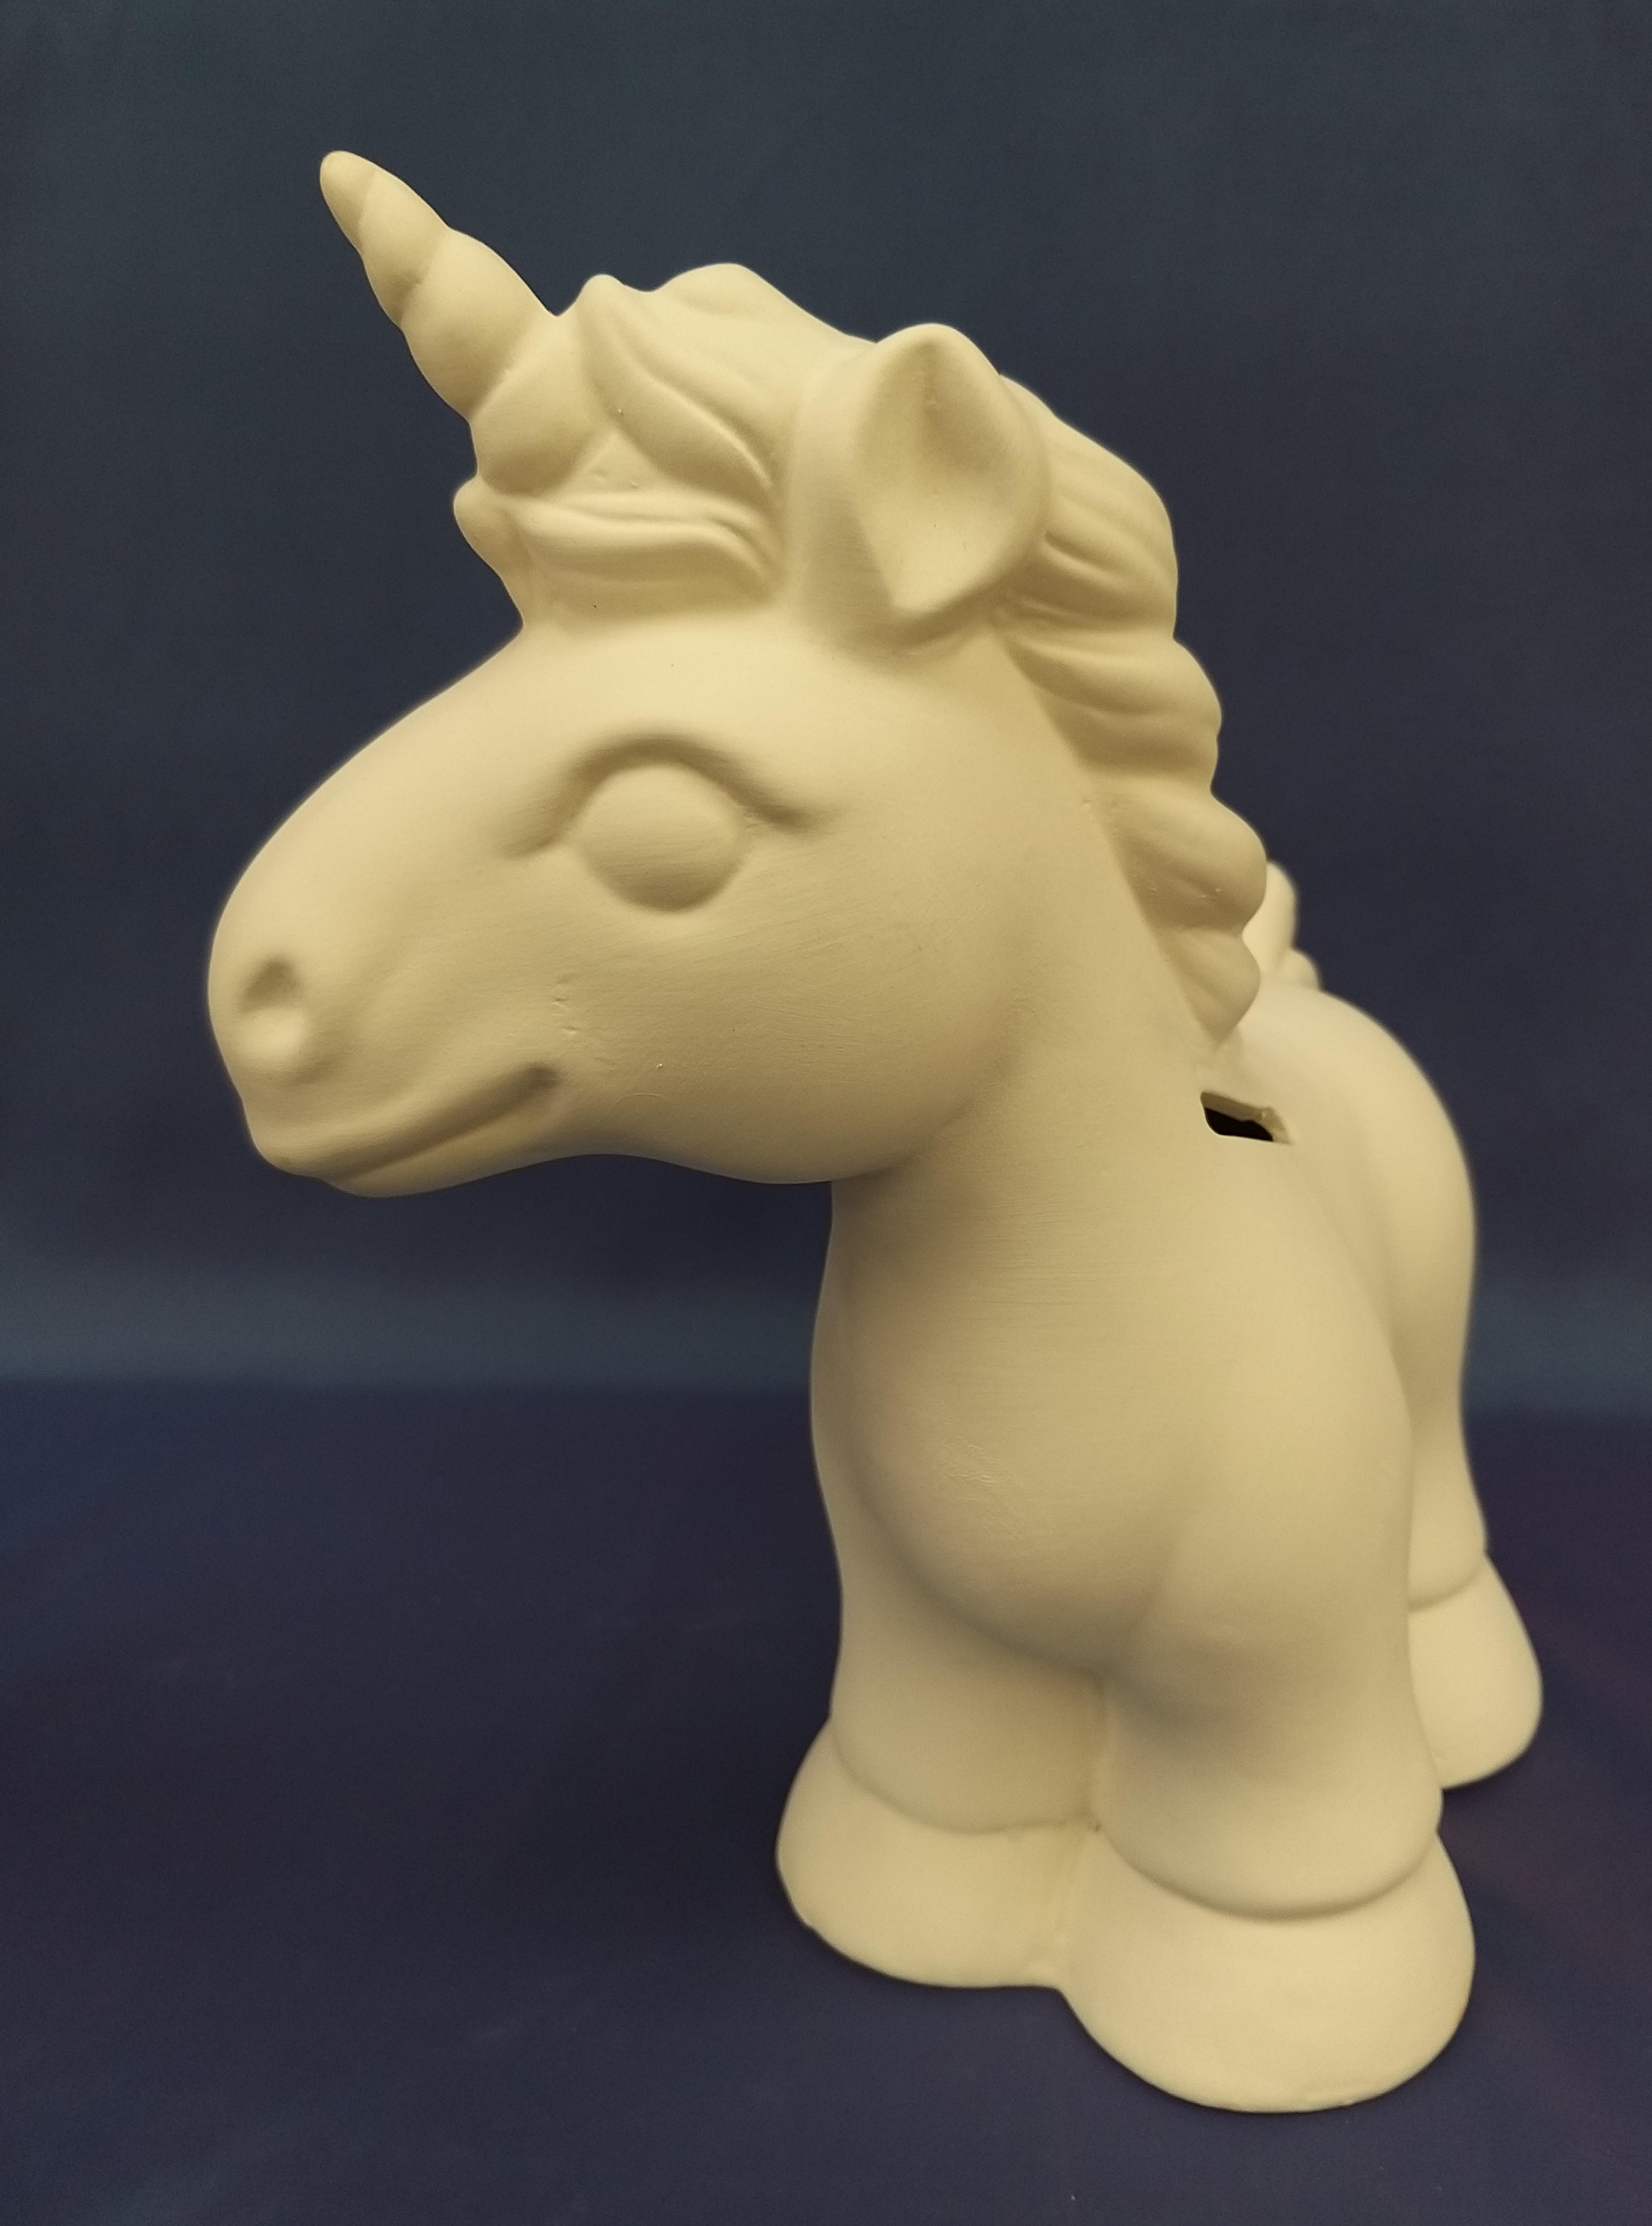 Huge Unicorn Money Bank